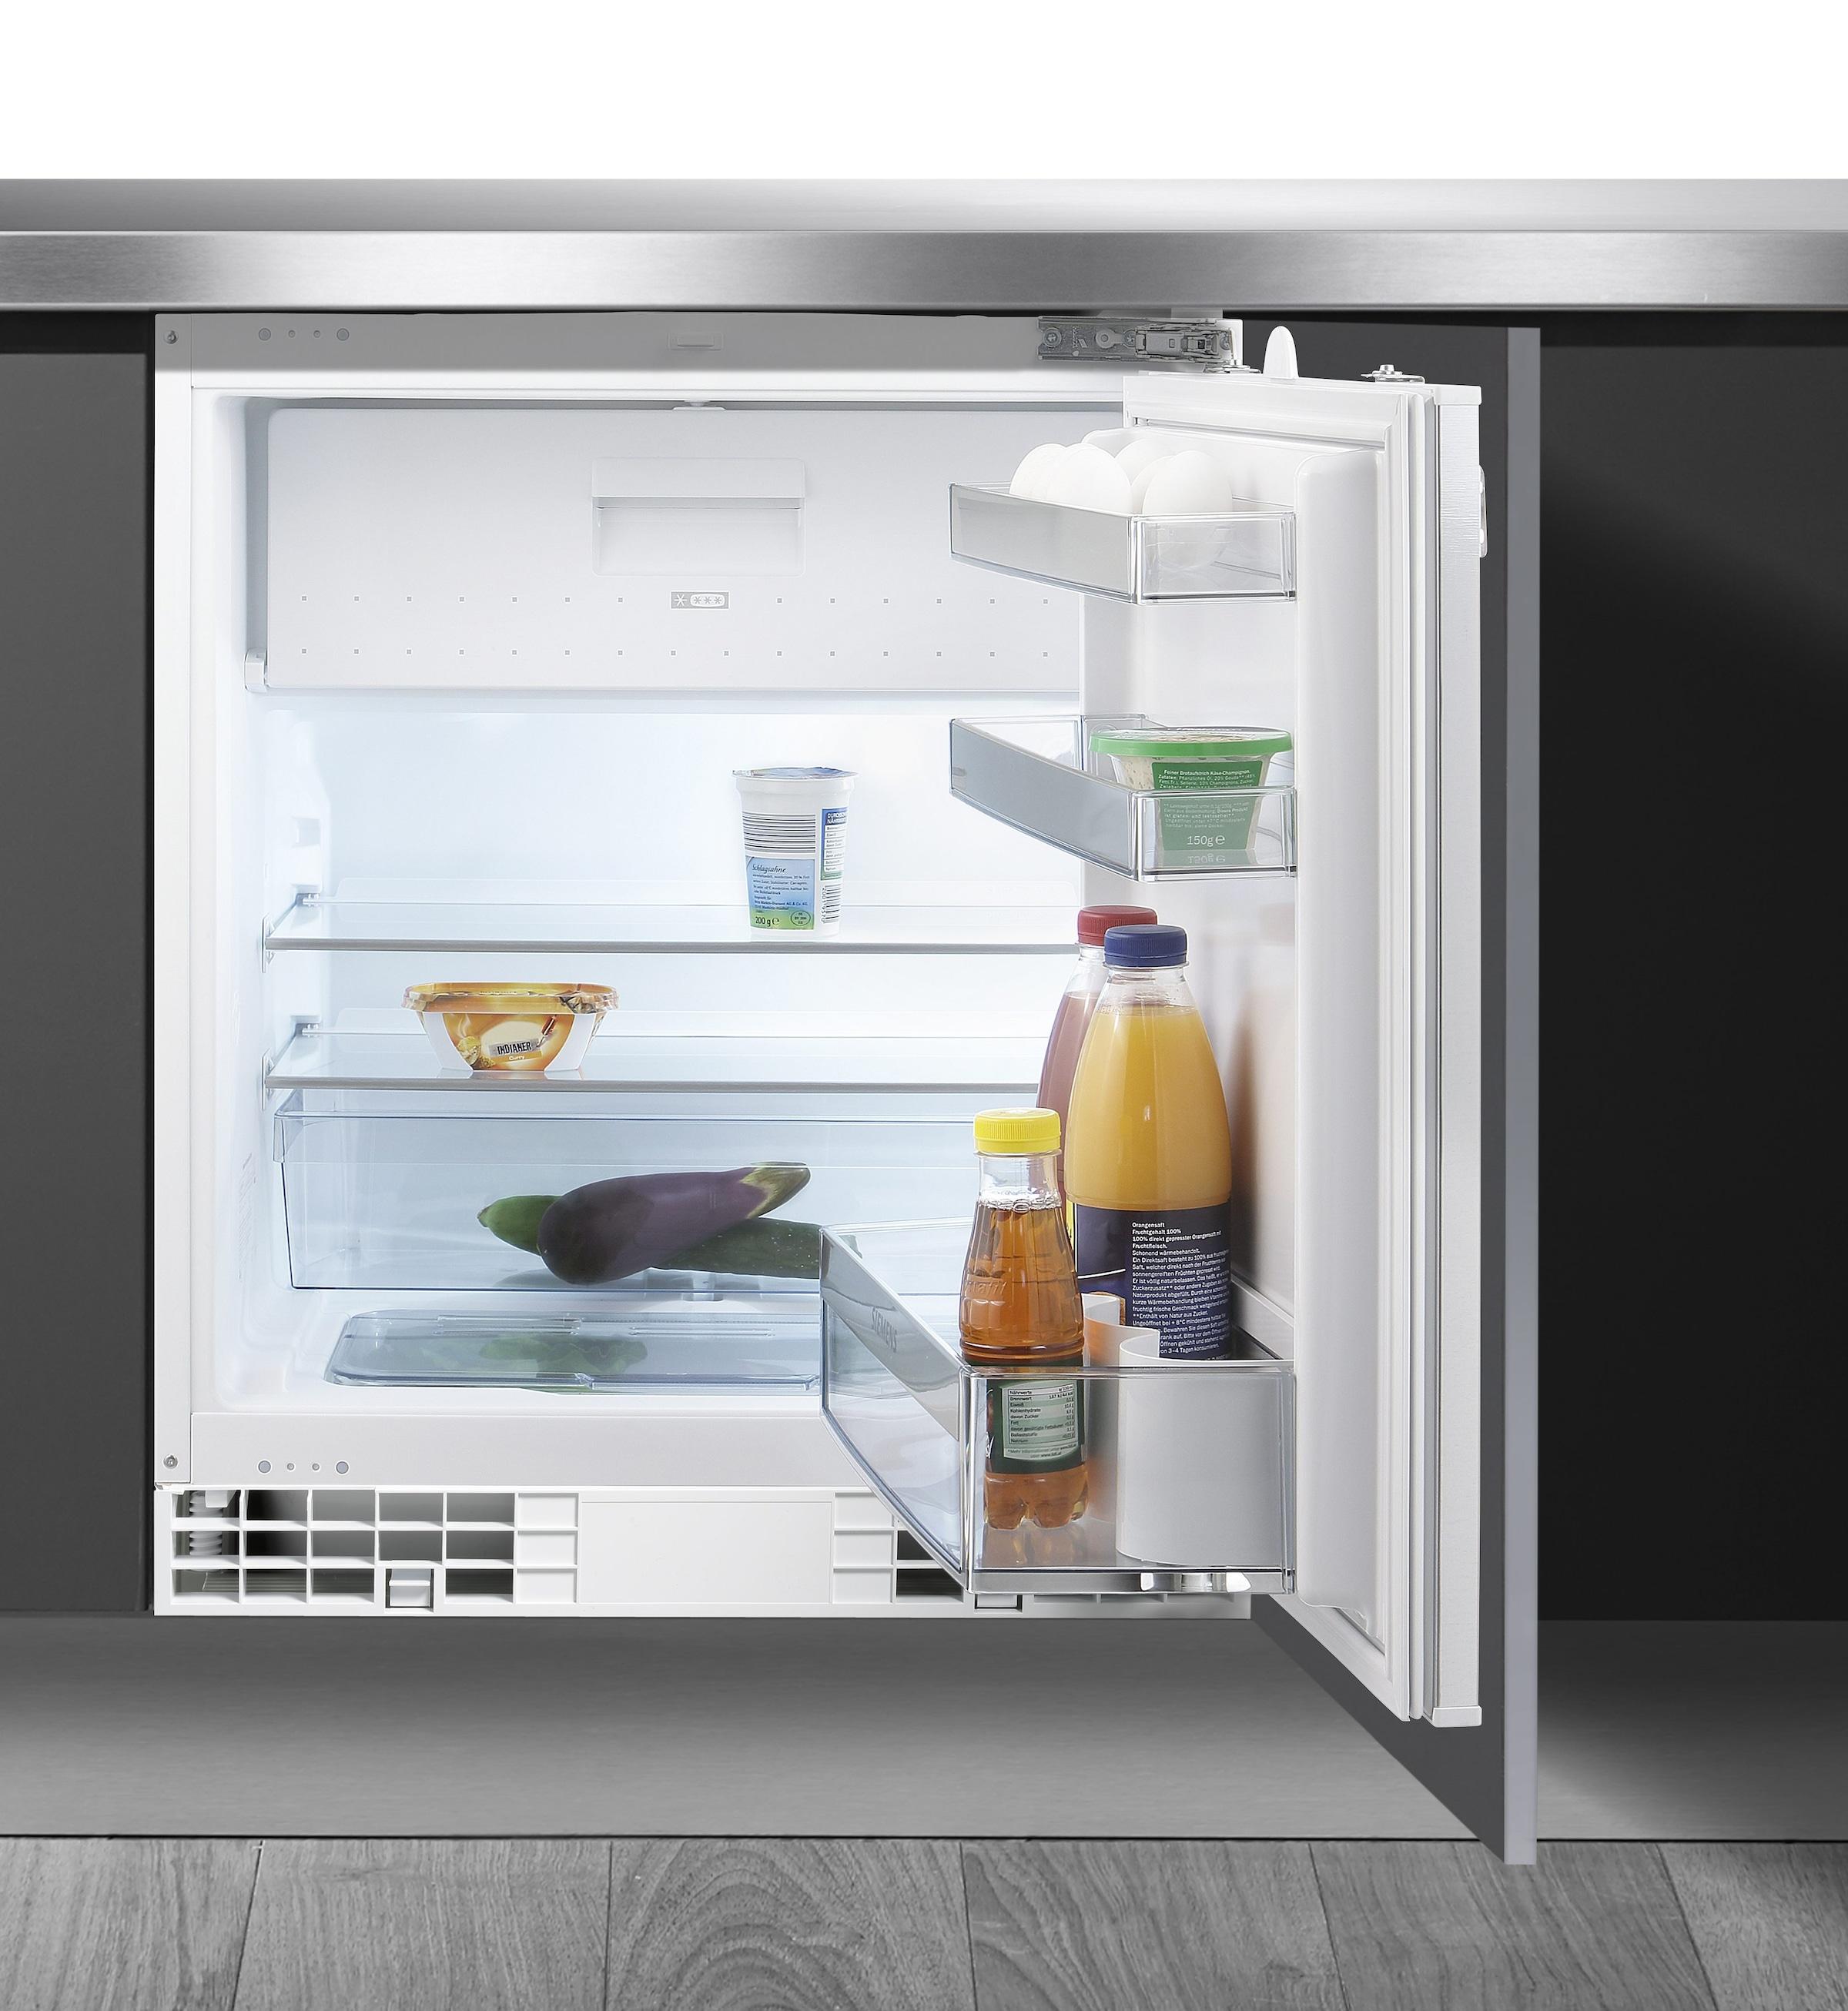 Siemens Unterbau Kühlschrank : Siemens einbaukühlschrank cm hoch cm breit baur